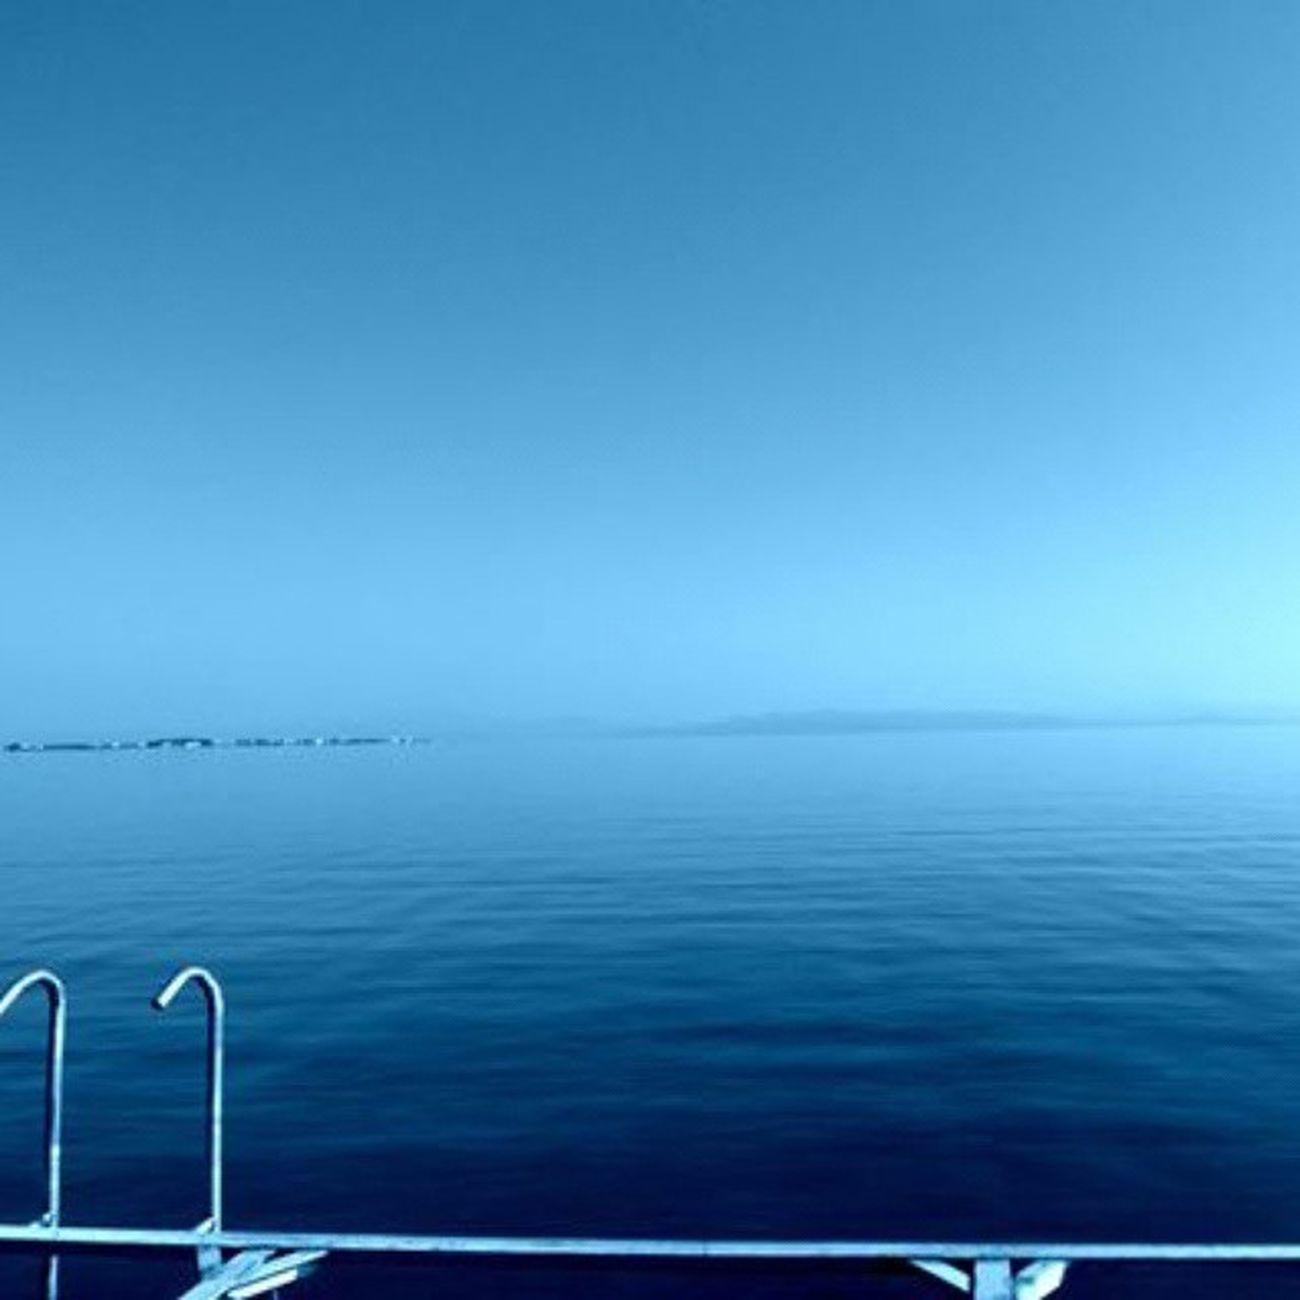 Uçsuz bucaksız gibi gözüken ama ucu bucağı olan deniz 💧👓🌊☀Egedenizi Egesea Myhome Pier iskele sea mavi deniz summer blue perfect sonsuz denizdurgunken summerday Kemerköy Turkey nofilter noeffect